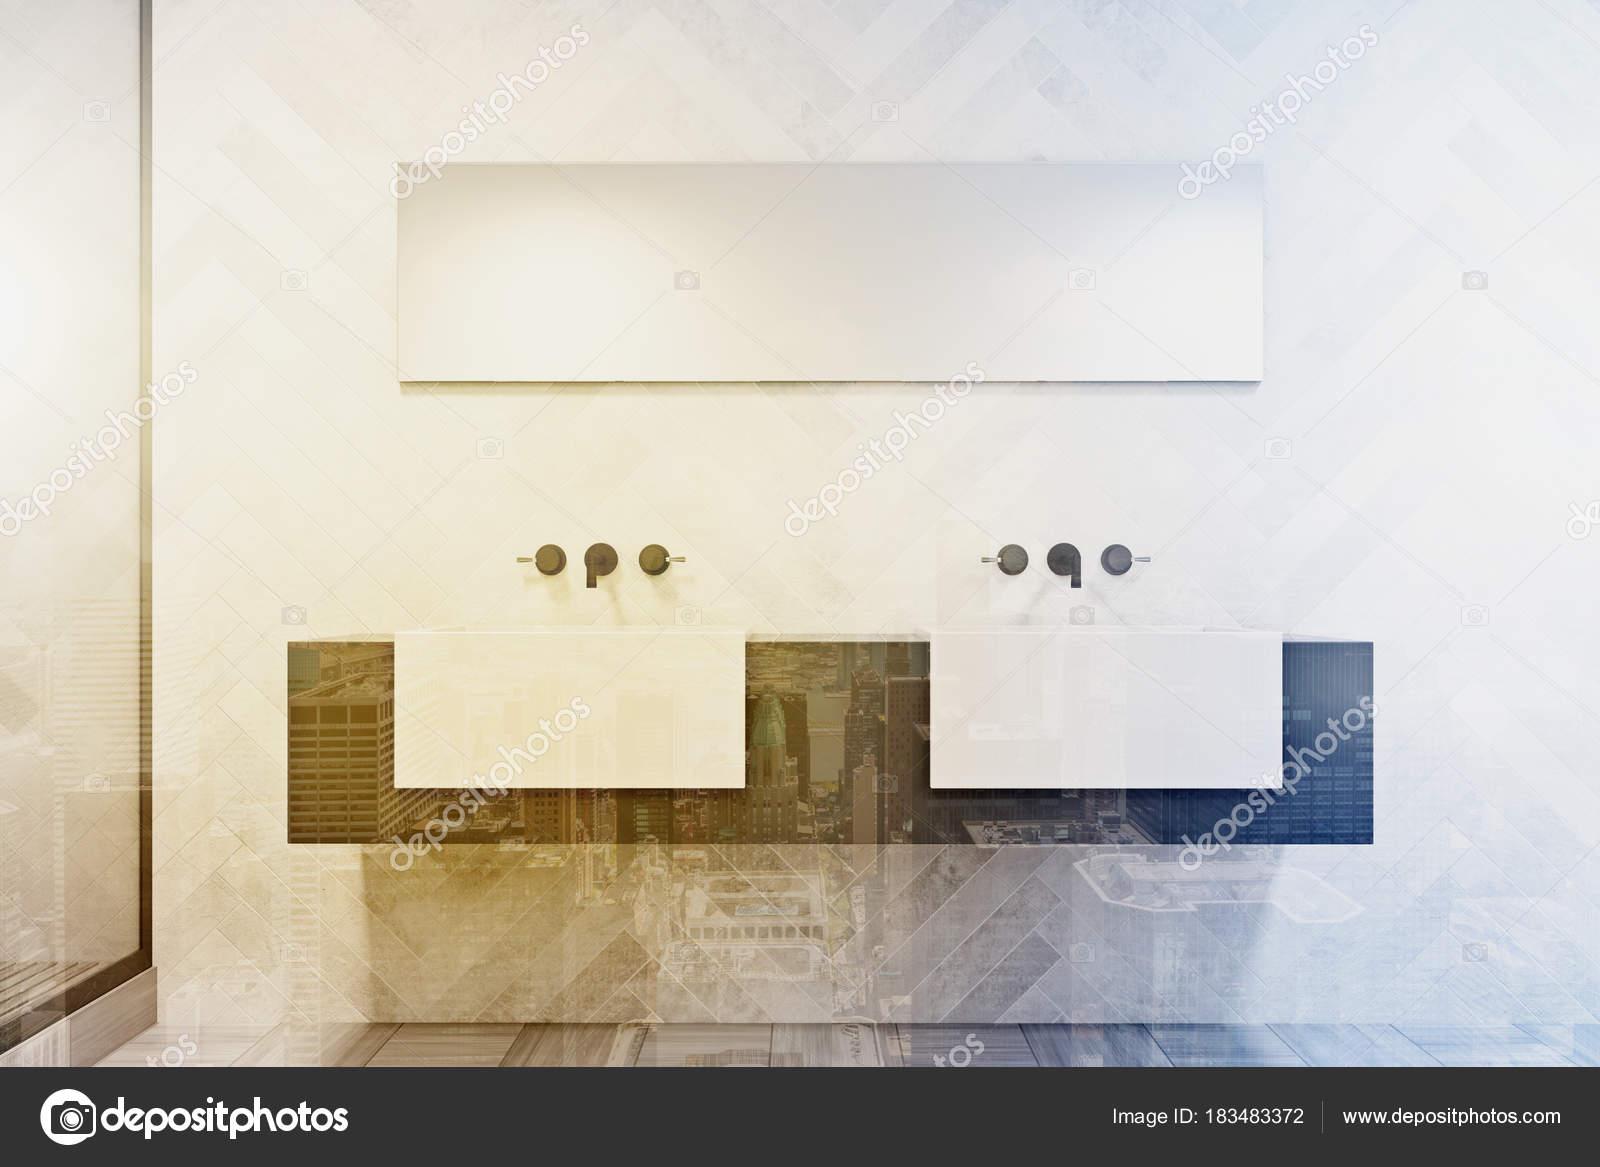 https://st3.depositphotos.com/2673929/18348/i/1600/depositphotos_183483372-stockafbeelding-grijs-en-wit-dubbele-wastafel.jpg